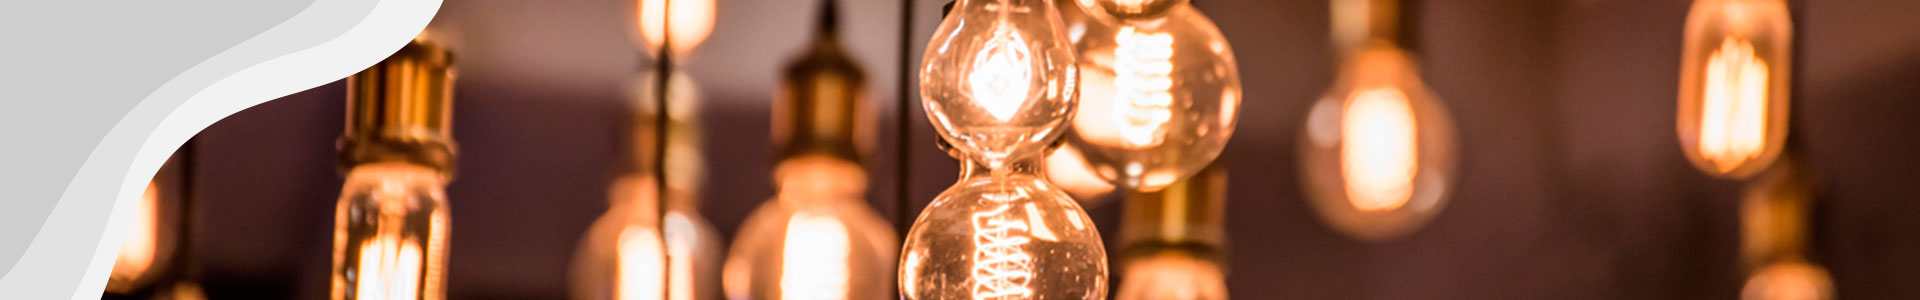 Fuentes de Luz en Iluminación - Facultad de Arquitectura